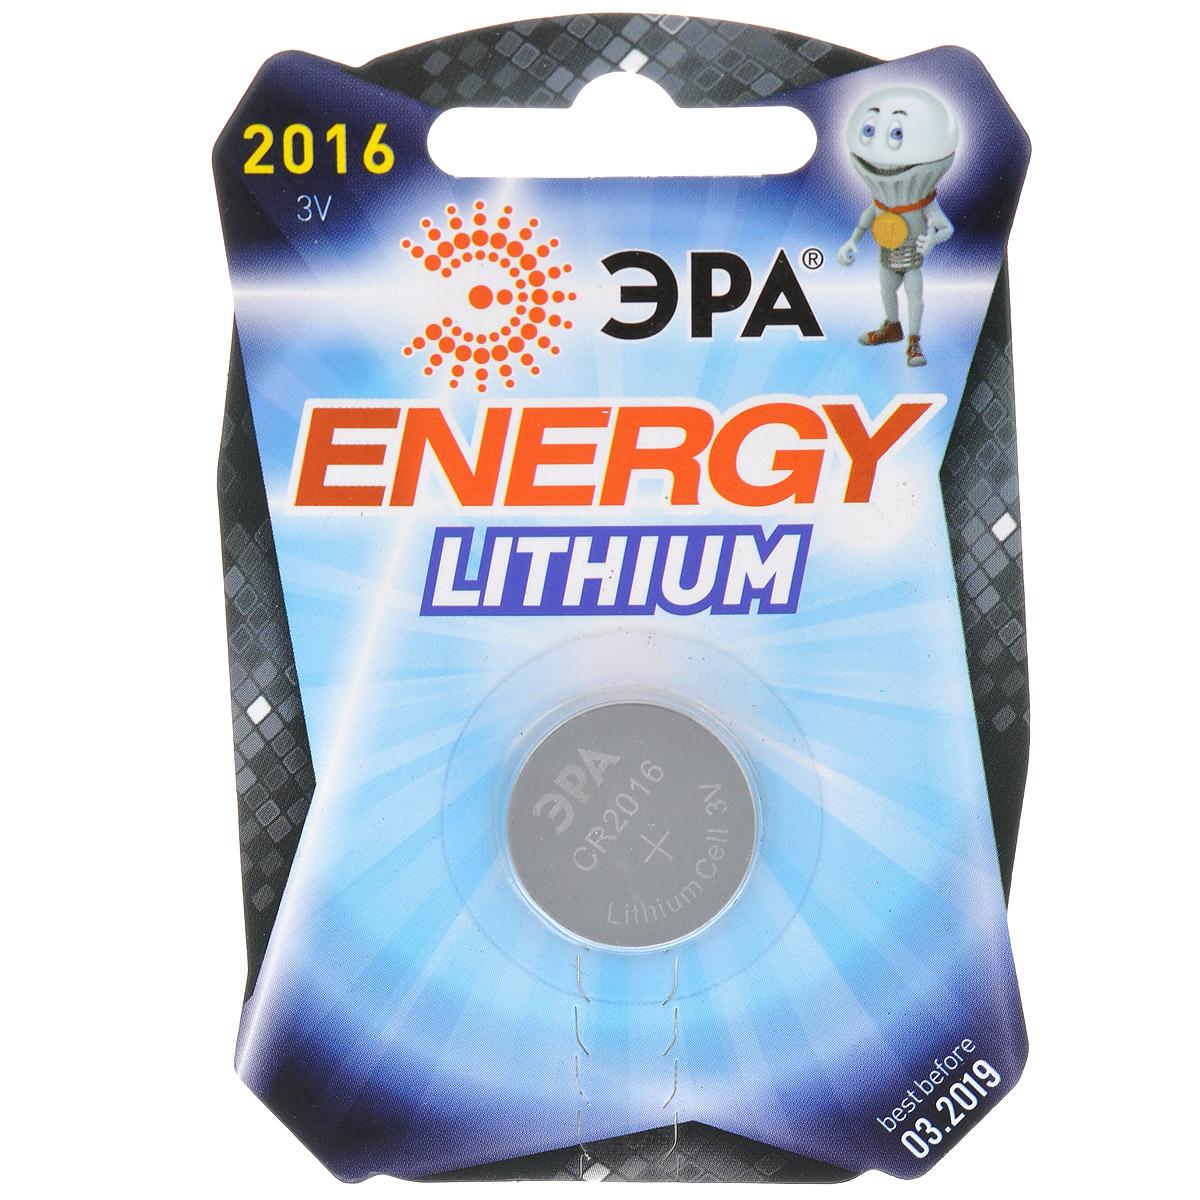 Батарейка литиевая ЭРА Energy, тип CR2016 (1BL), 3В5055398601051Литиевые батарейки ЭРА Energy оптимально подходят для повседневного питания множества современных бытовых приборов: электронных игрушек, фонарей, беспроводной компьютерной периферии и многого другого. Батарейки созданы для устройств с высоким потреблением энергии. Работают в 10 раз дольше, чем обычные солевые элементы питания. Диаметр батарейки: 1,9 см.